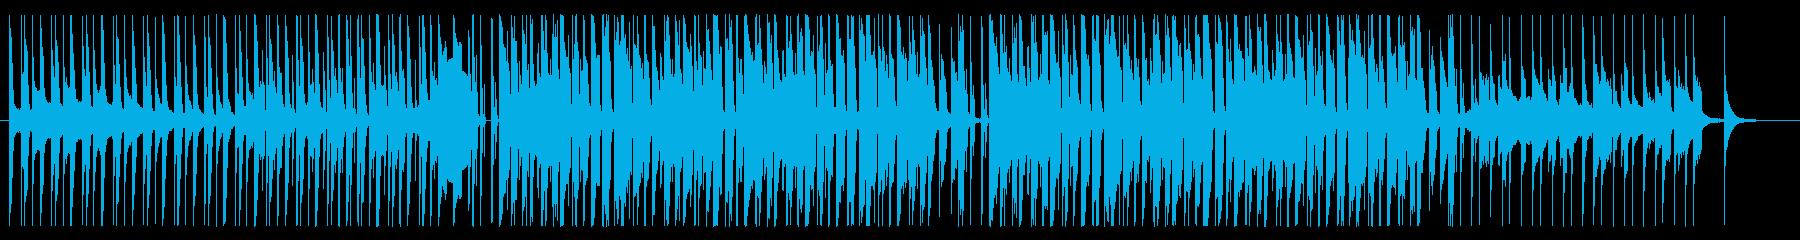 レゲトン、ラテン、ダンス系(短め)の再生済みの波形